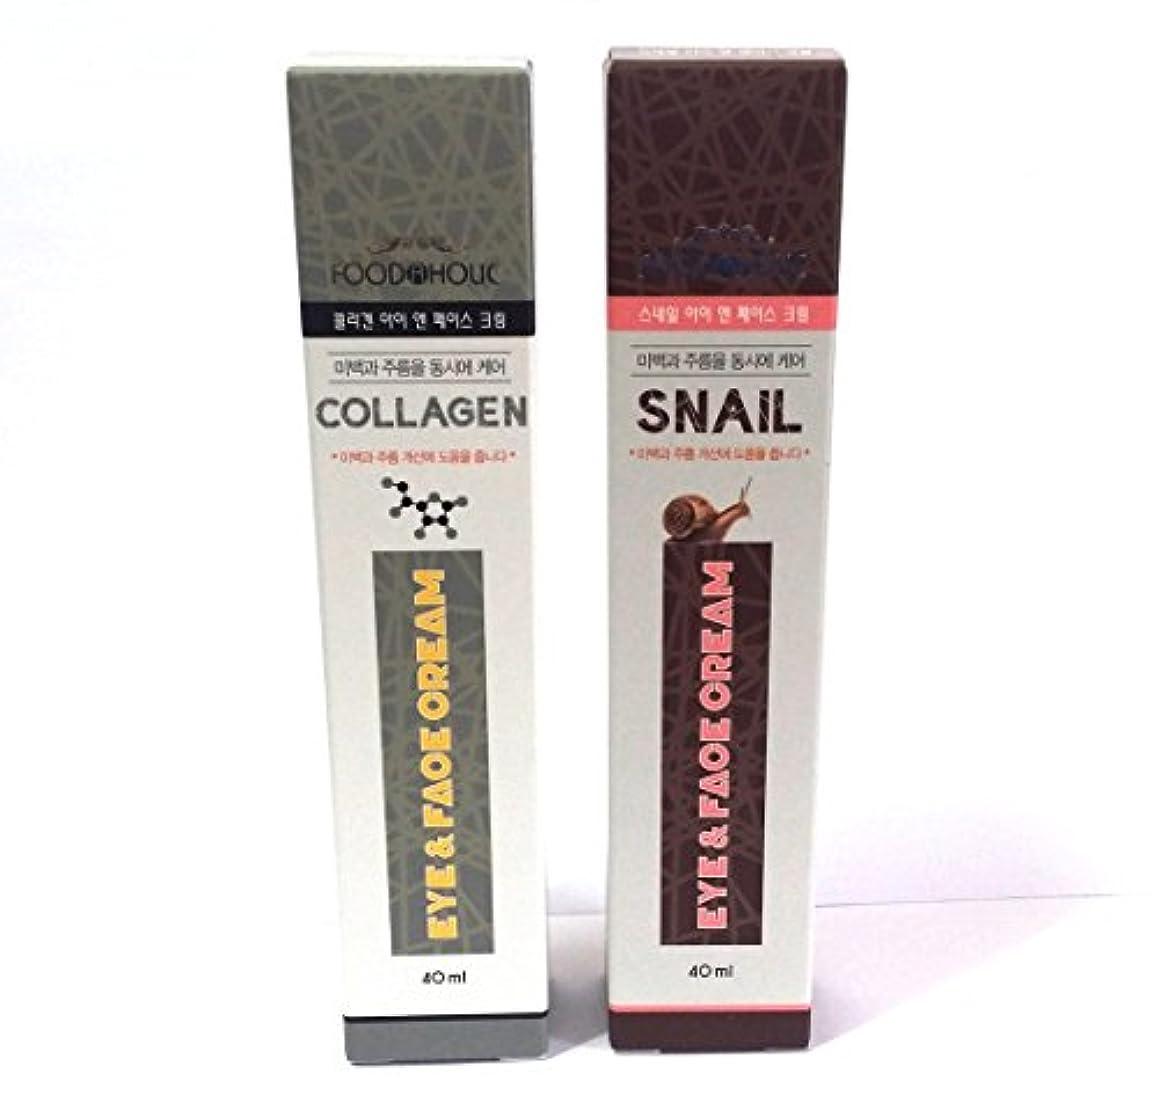 作りますしおれたスクラップブック[Foodaholic] コラーゲン1ea + カタツムリ1ea /Collagen 1ea + Snail 1ea /アイ&フェースクリーム40ml /美白&弾力/韓国化粧品 / Eye And Face Cream...